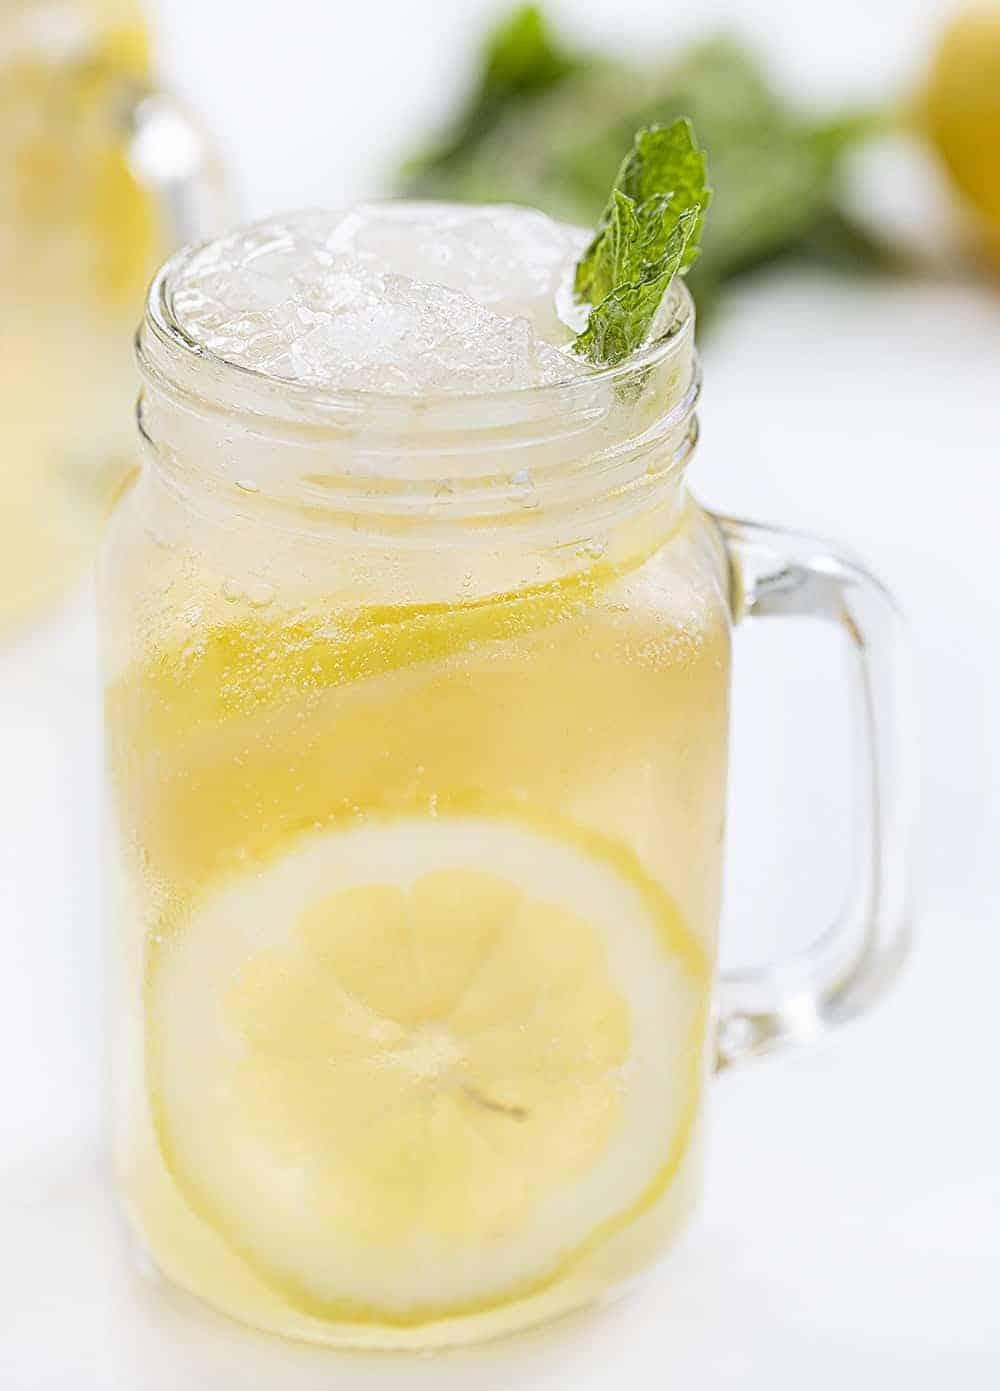 Glass Mug of Minnesota Spiked Lemonade with Mint